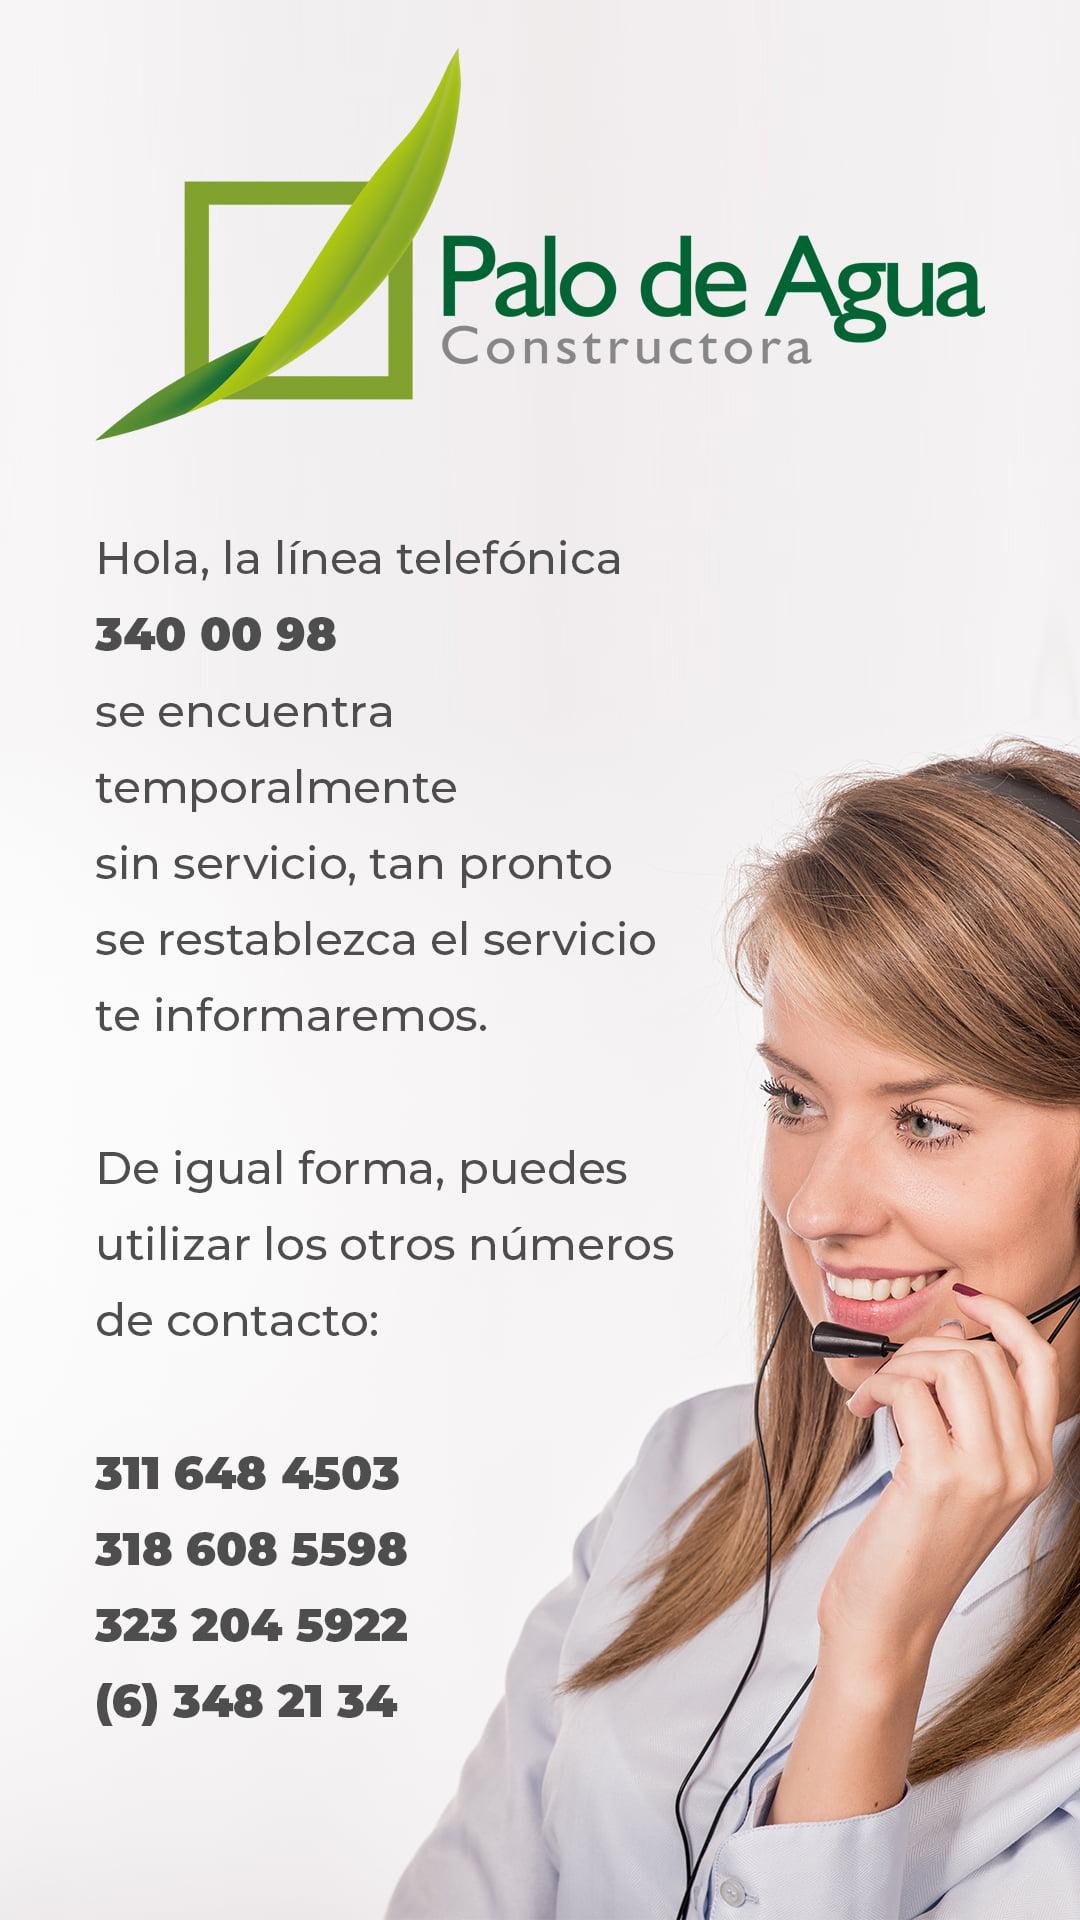 teléfonos de contacto